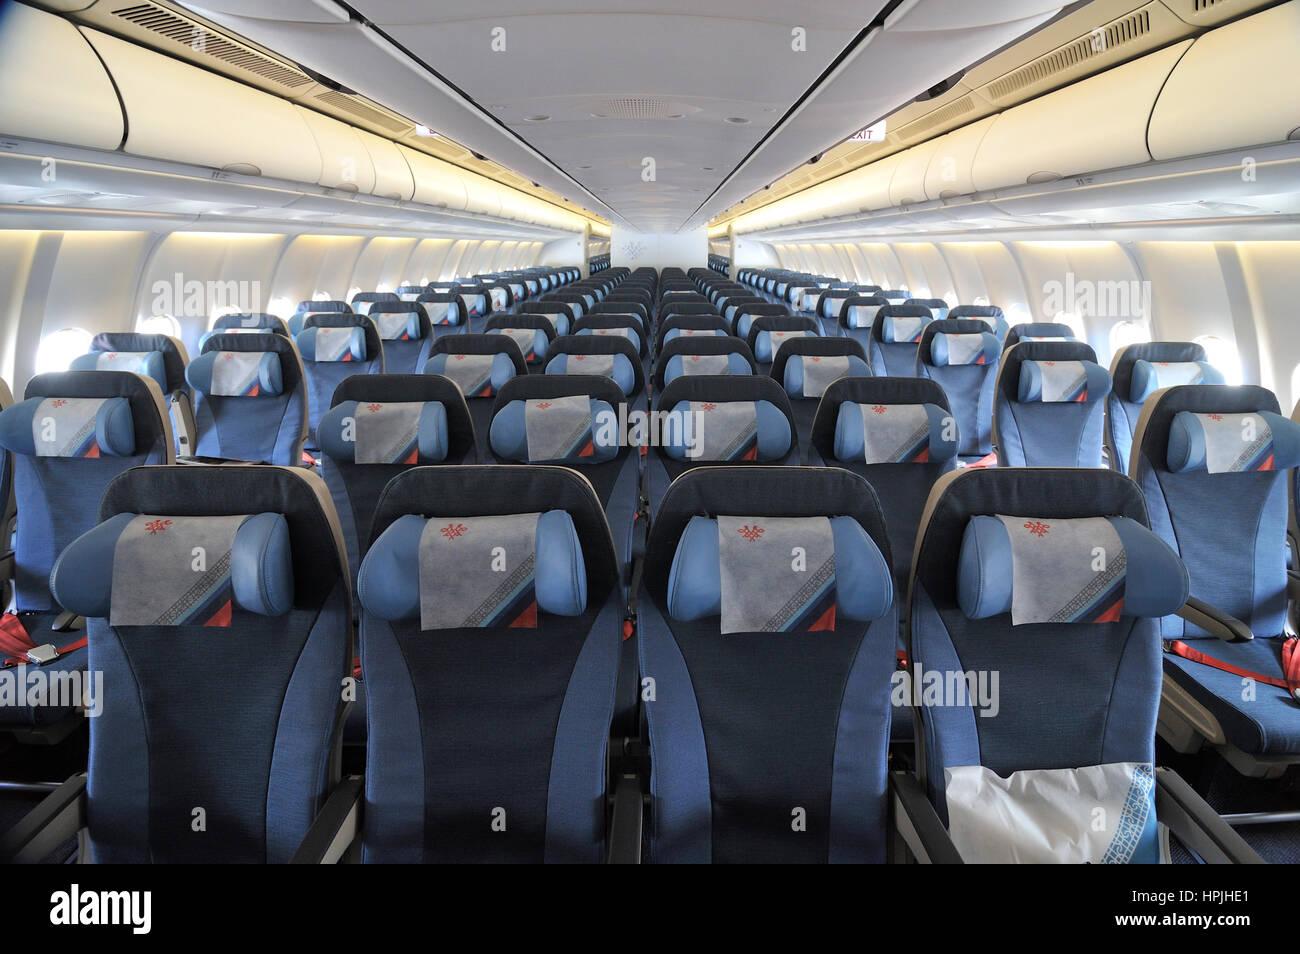 la serbie de lair airbus a330 avion fuselage large cabine passager vide